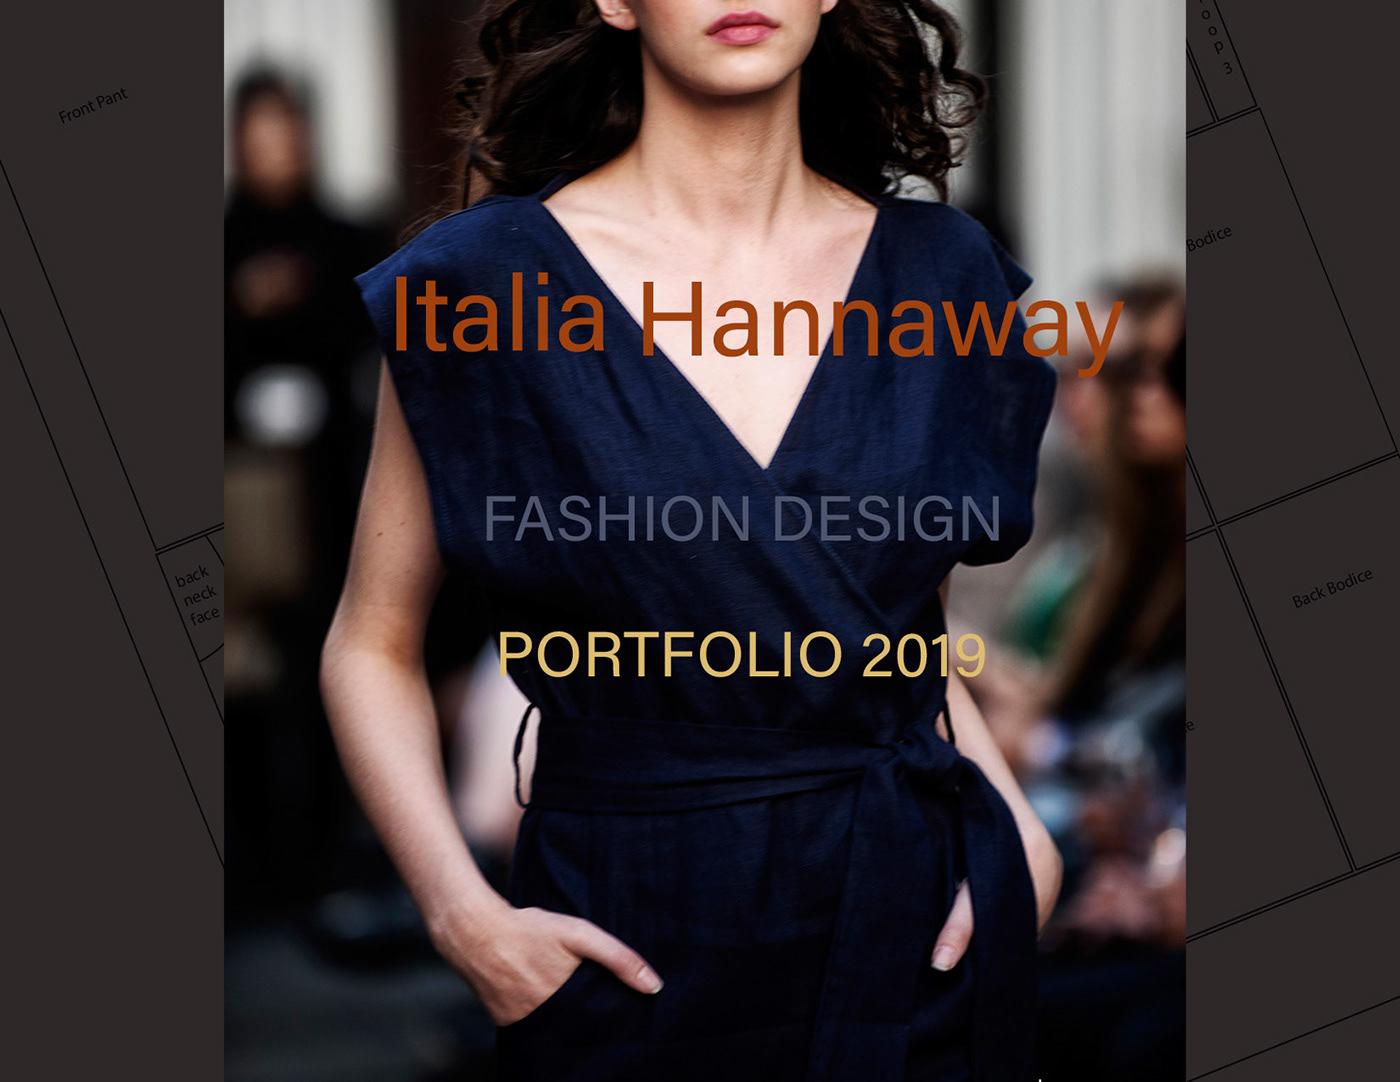 Zero Waste Fashion Design Portfolio 2019 On Behance